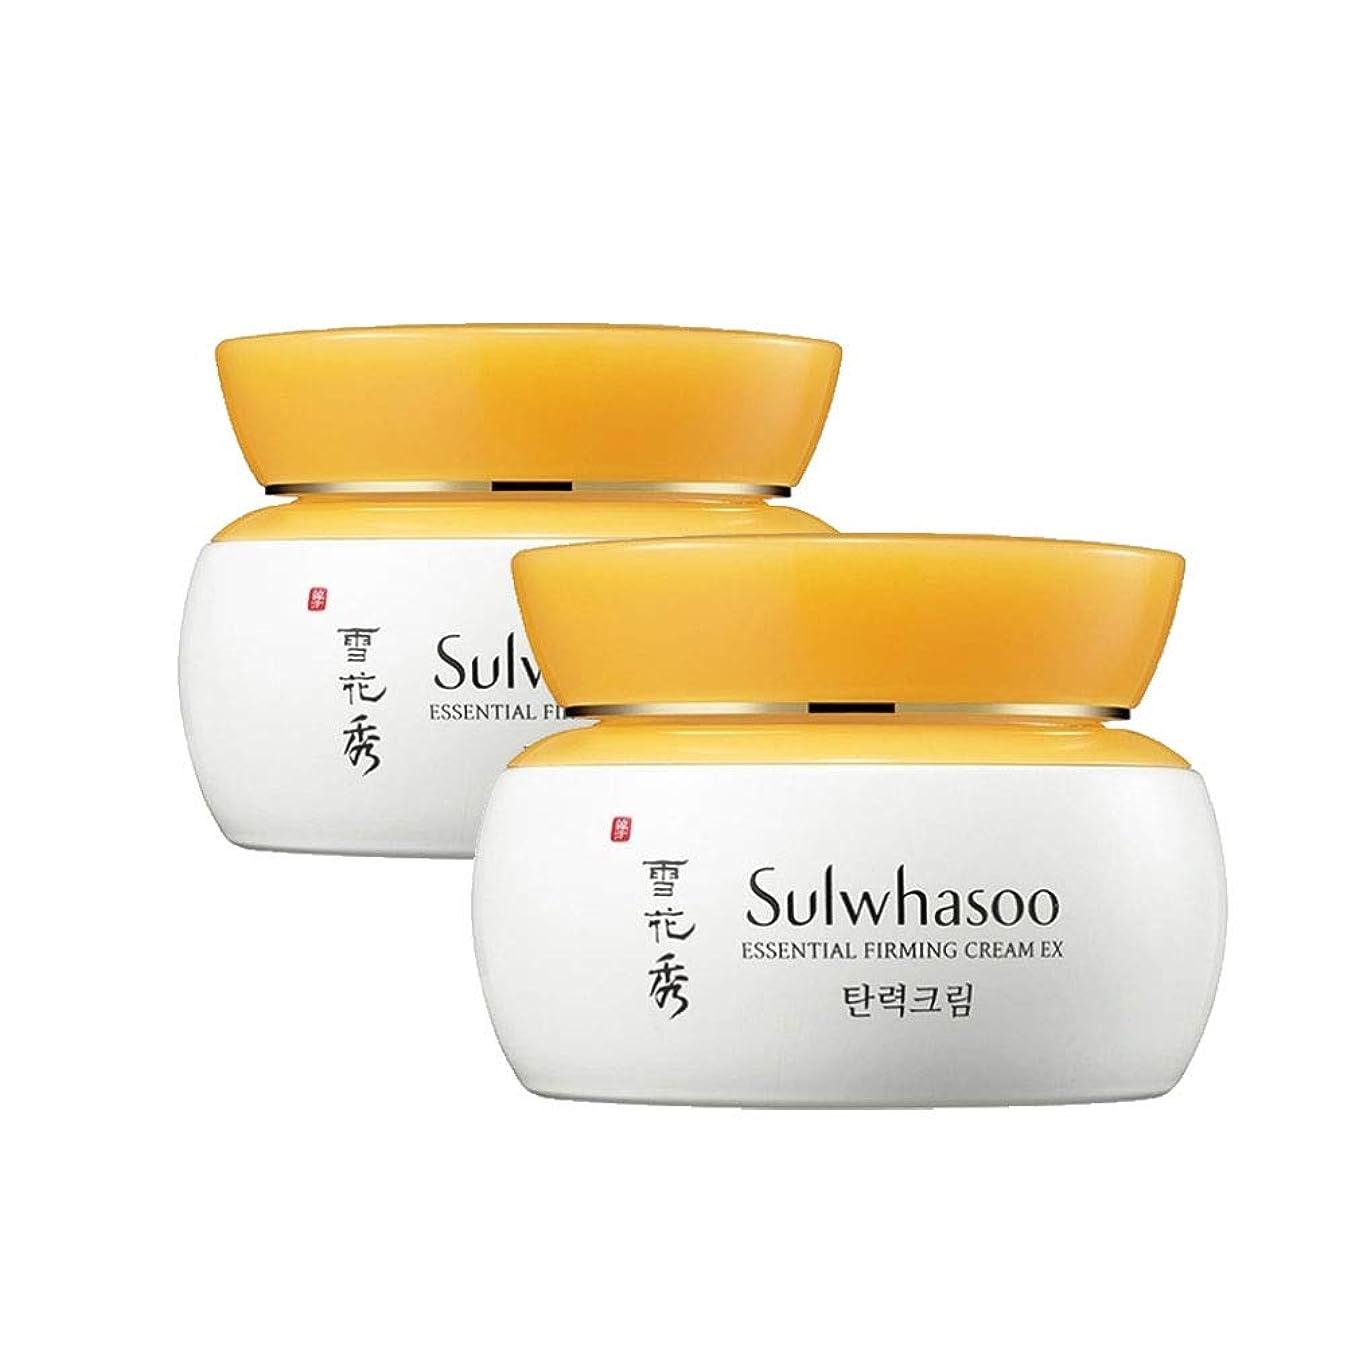 レモン注文路地雪花秀エッセンシャルパーミングクリーム 75mlx2本セット 弾力クリーム韓国コスメ、Sulwhasoo Essential Firming Cream 75ml x 2ea Set Korean Cosmetics [並行輸入品]